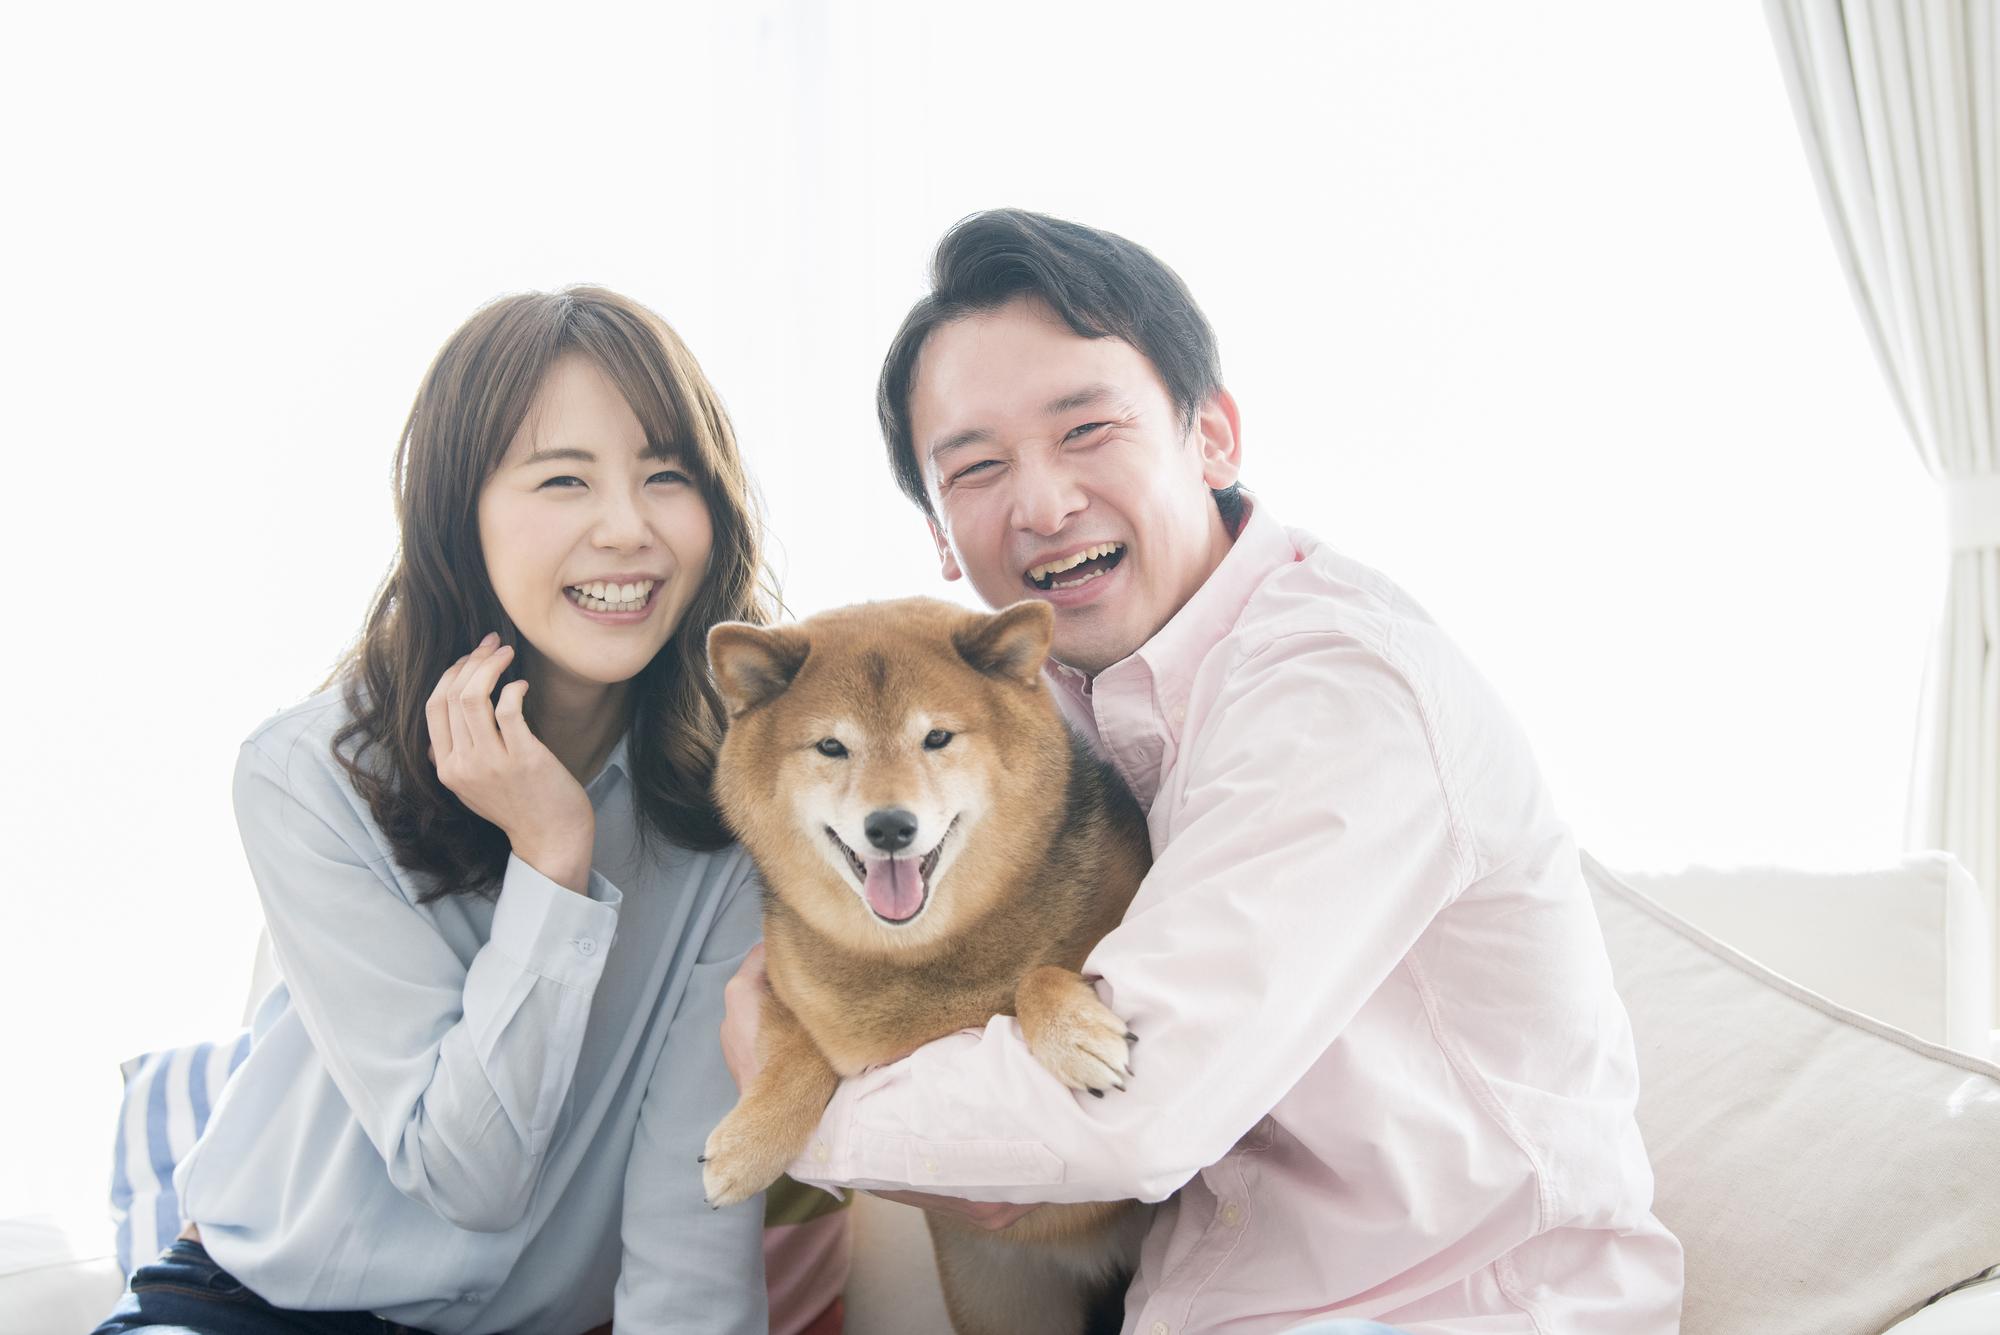 笑顔の夫婦と犬